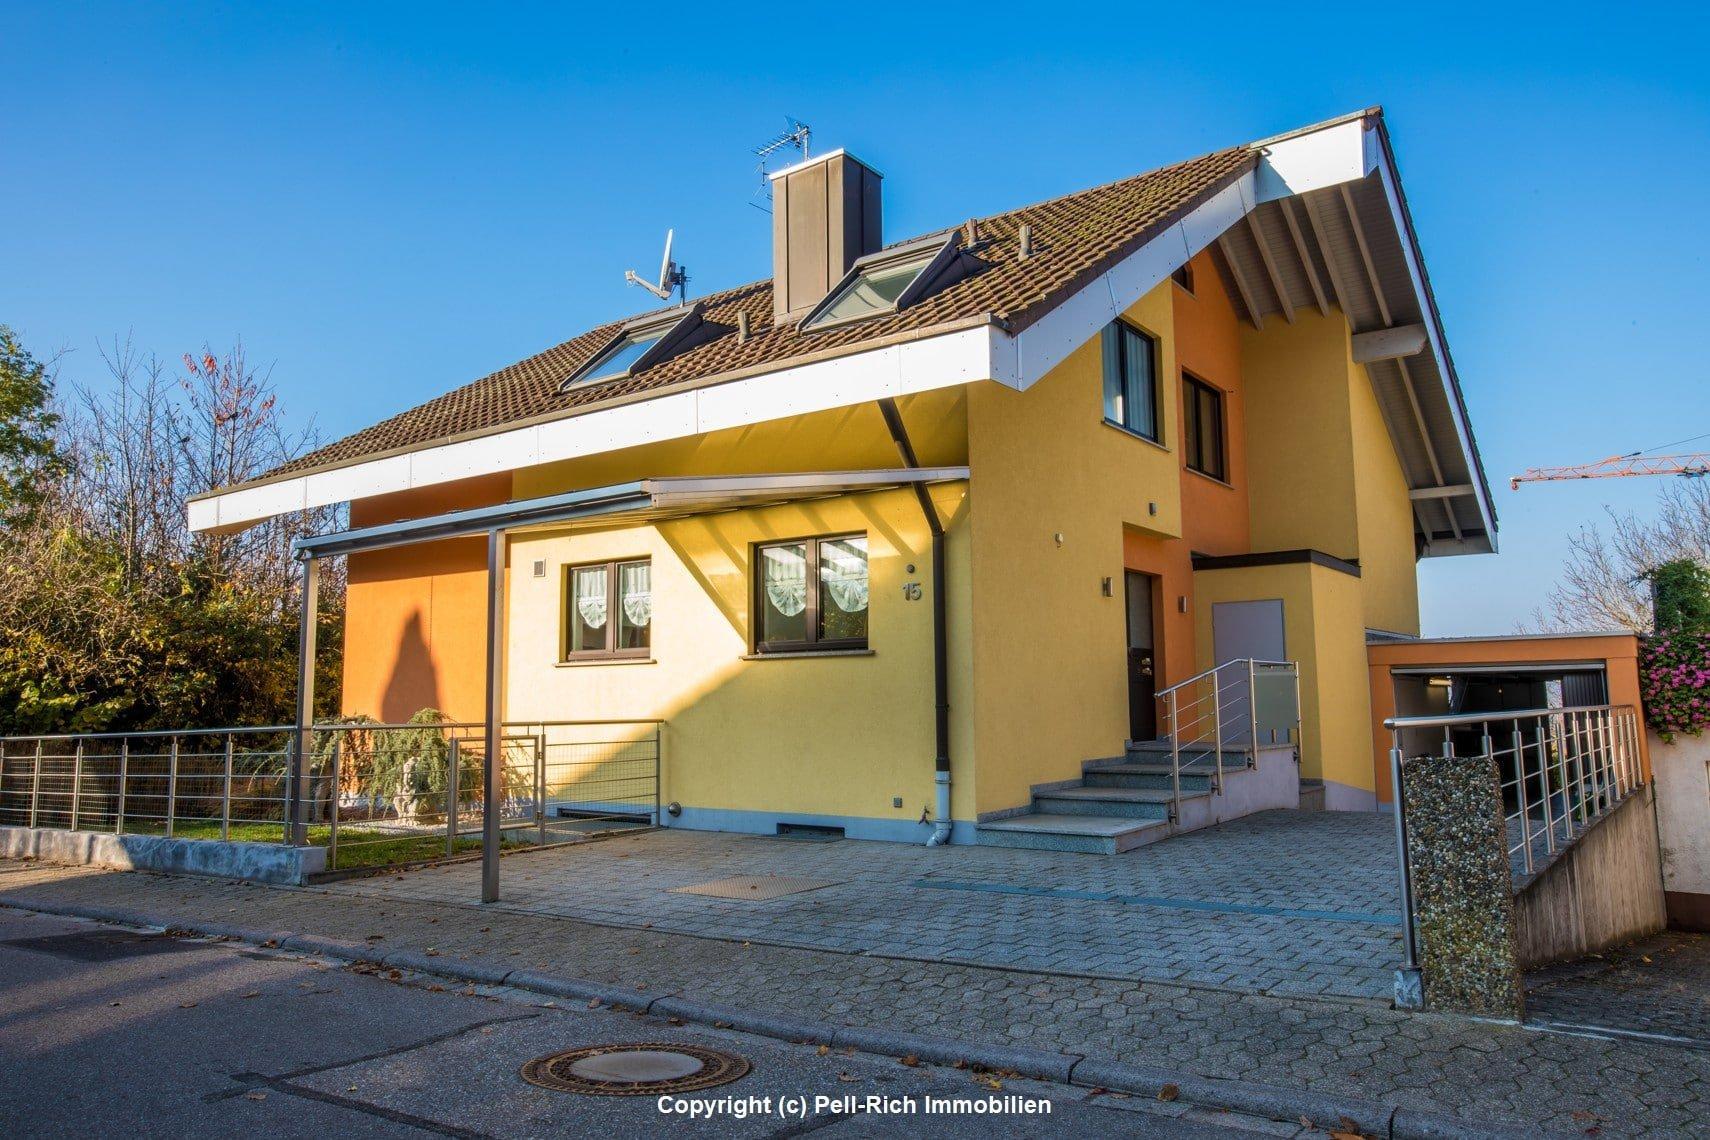 FAMILIENGLÜCK: Einfamilienhaus mit Einliegerwohnung und Top-Aussicht auf die Rheinebene